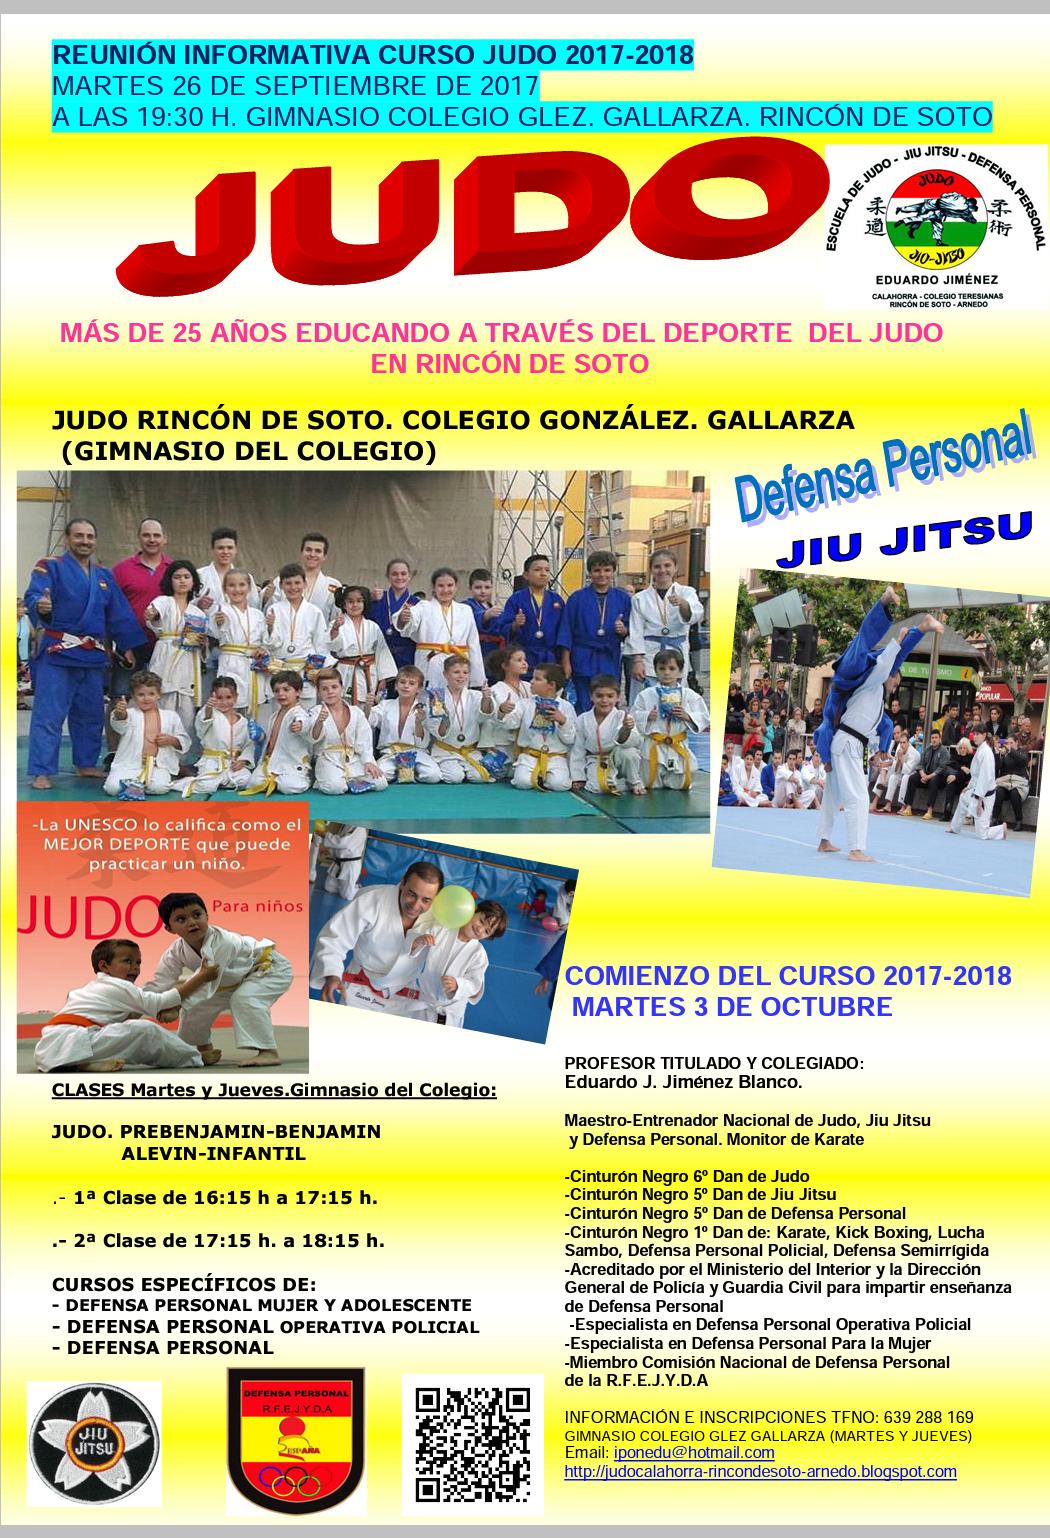 Reunión informativa Judo RINCON DE SOTO.curso 2017-2018